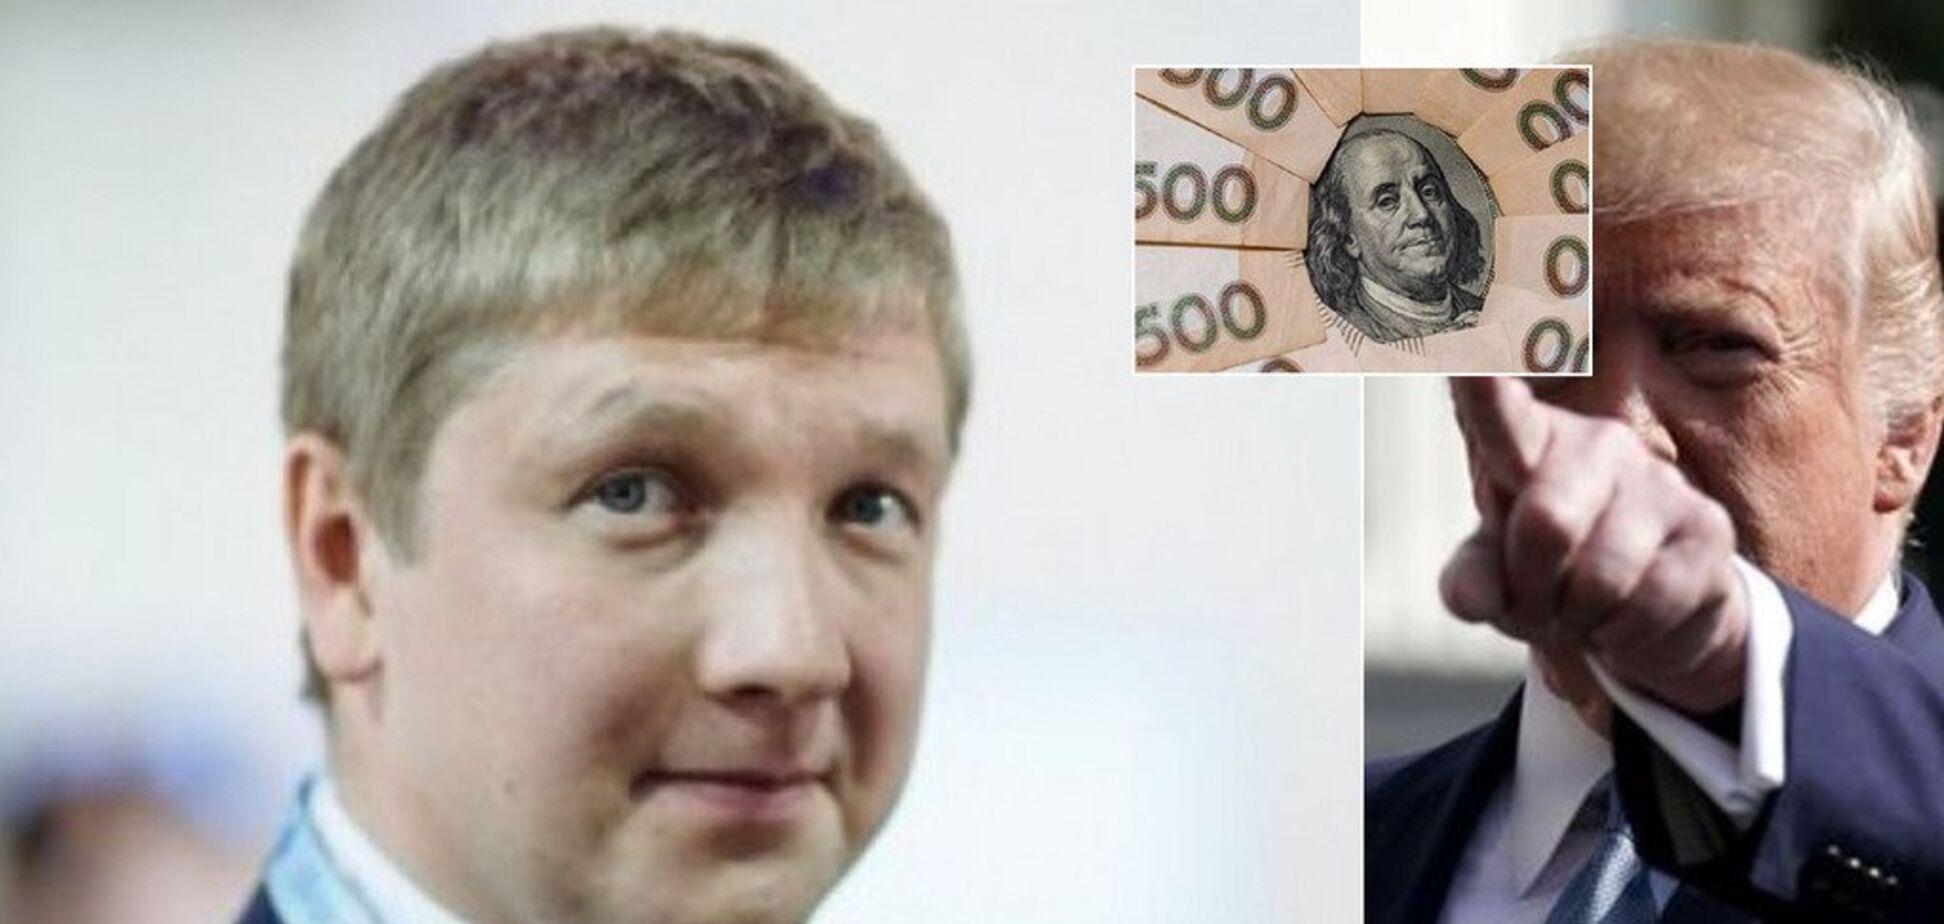 Більше, ніж Меркель і Трамп: скільки отримують українські топчиновники та чому це занадто багато